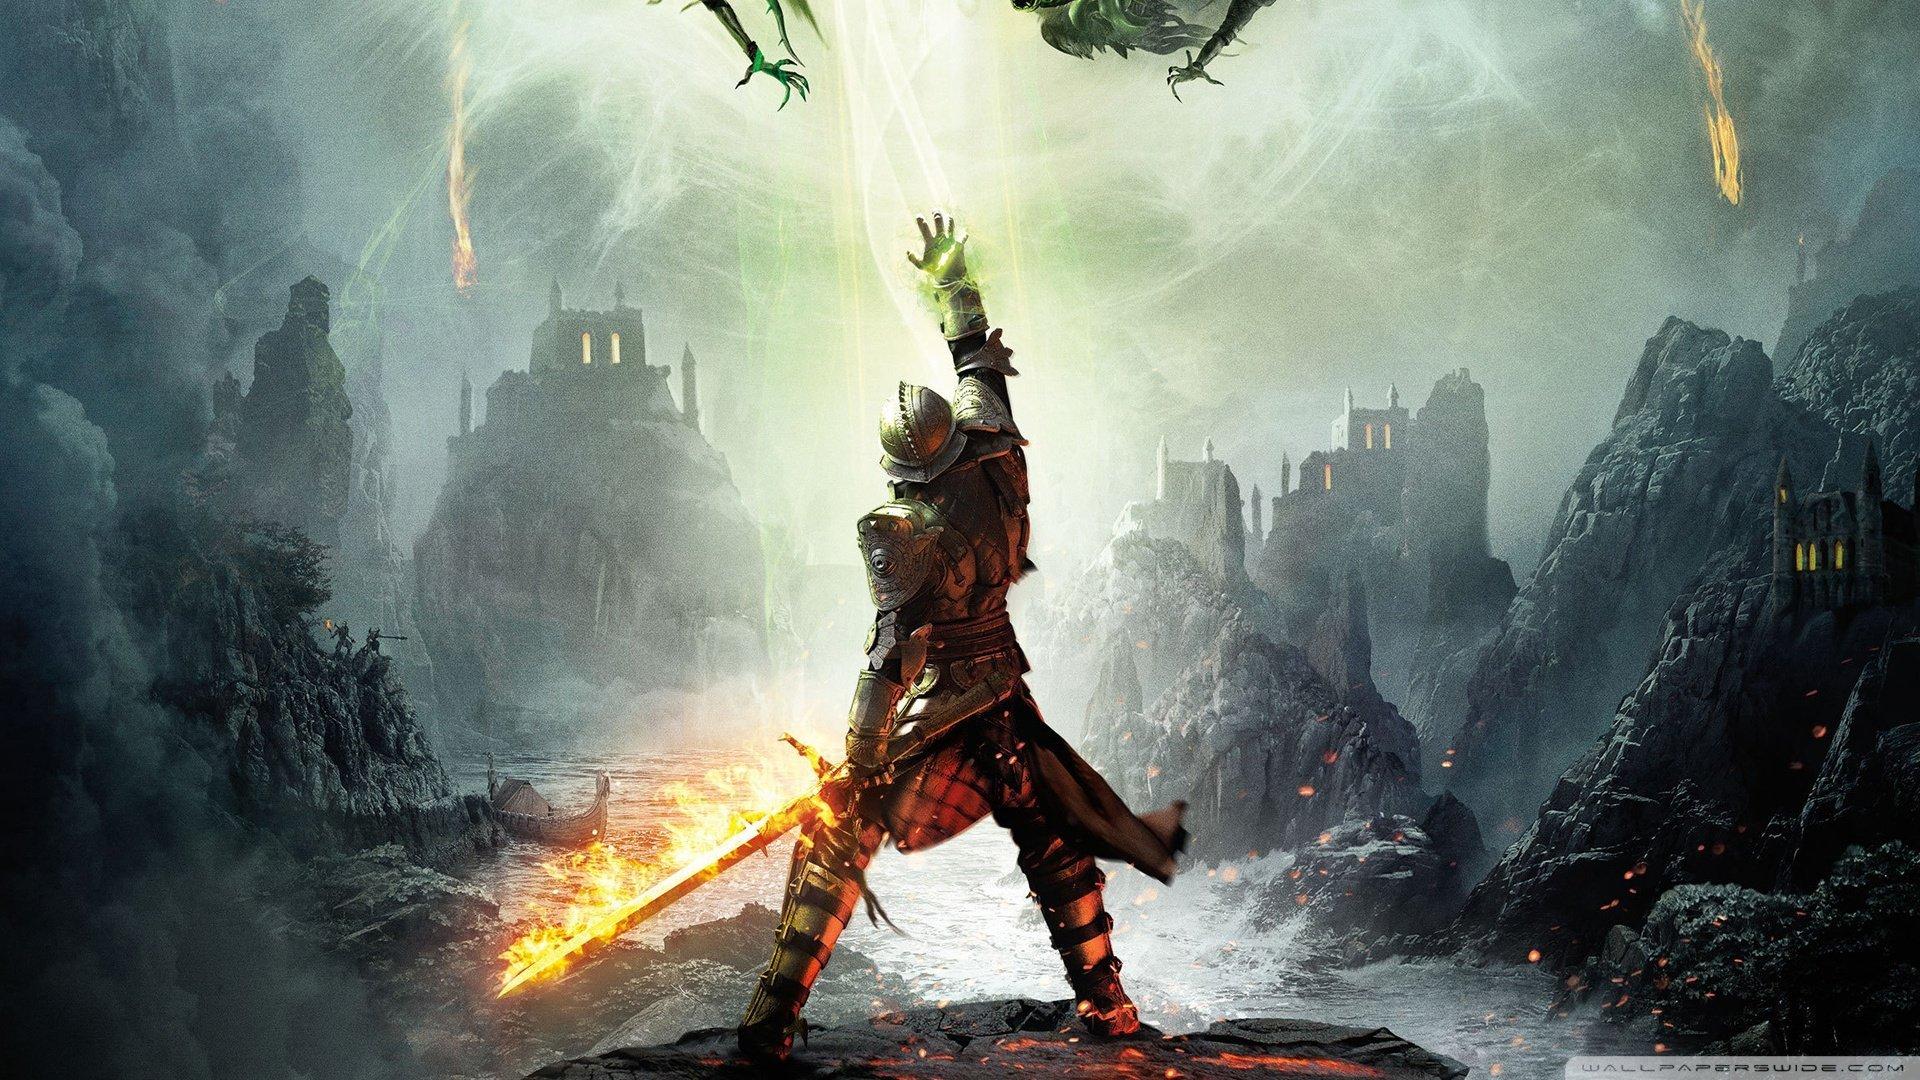 Dragon Age 4 Önümüzdeki Ay Duyurulabilir! - Technopat